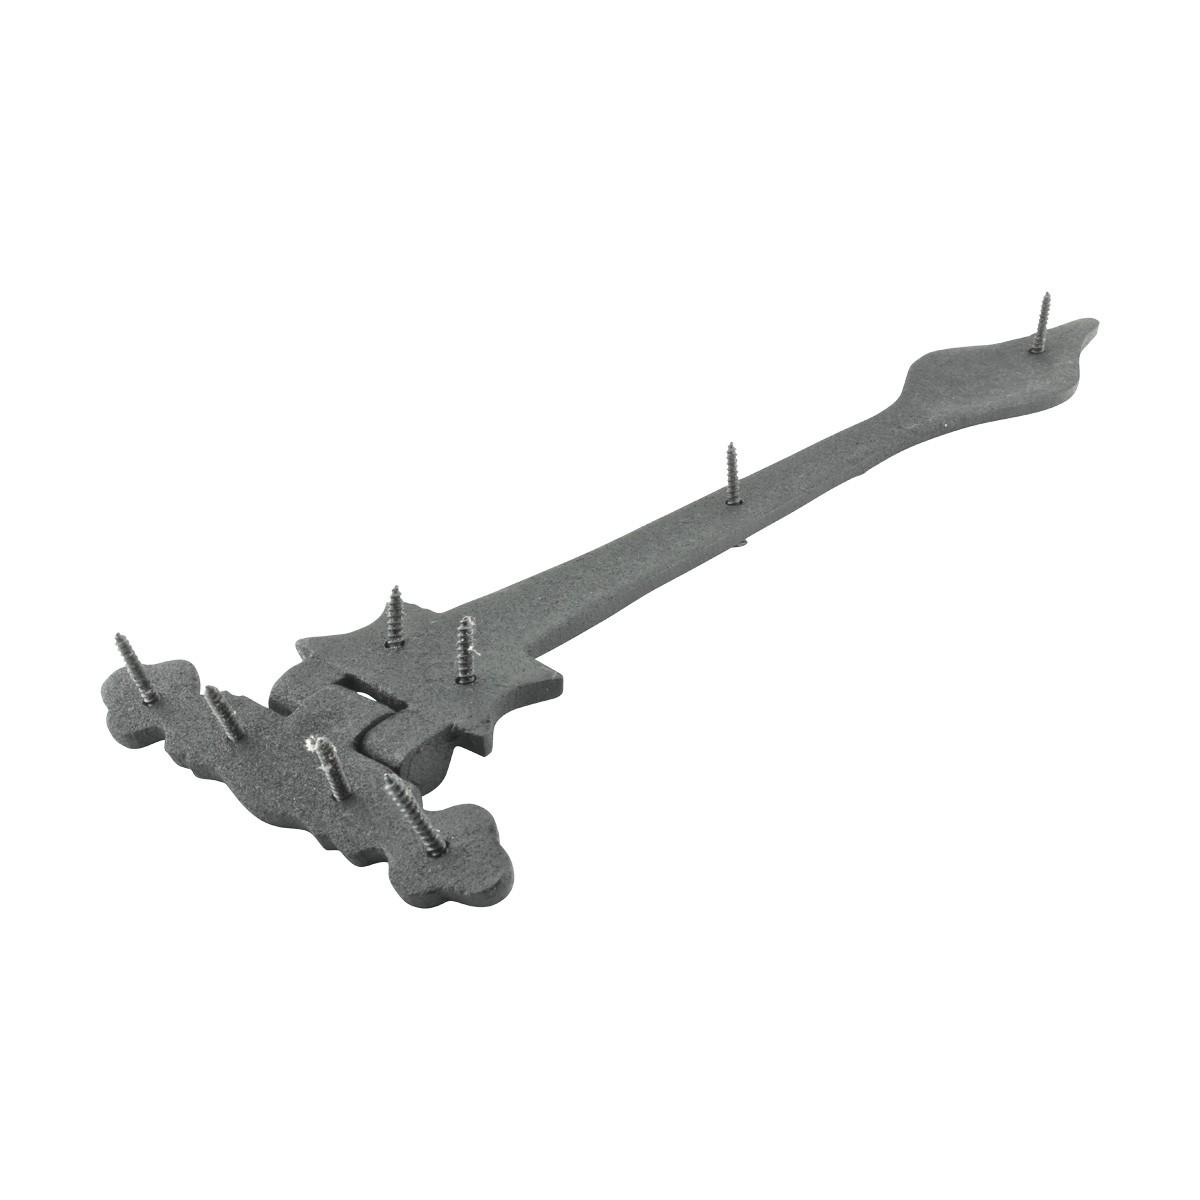 Black Wrought Iron Strap Hinge Doors or Gates Spear Tip 1134in Wide Rustproof Wrought Iron Door Hinges Black Door Hinges Vintage Strap Hinges